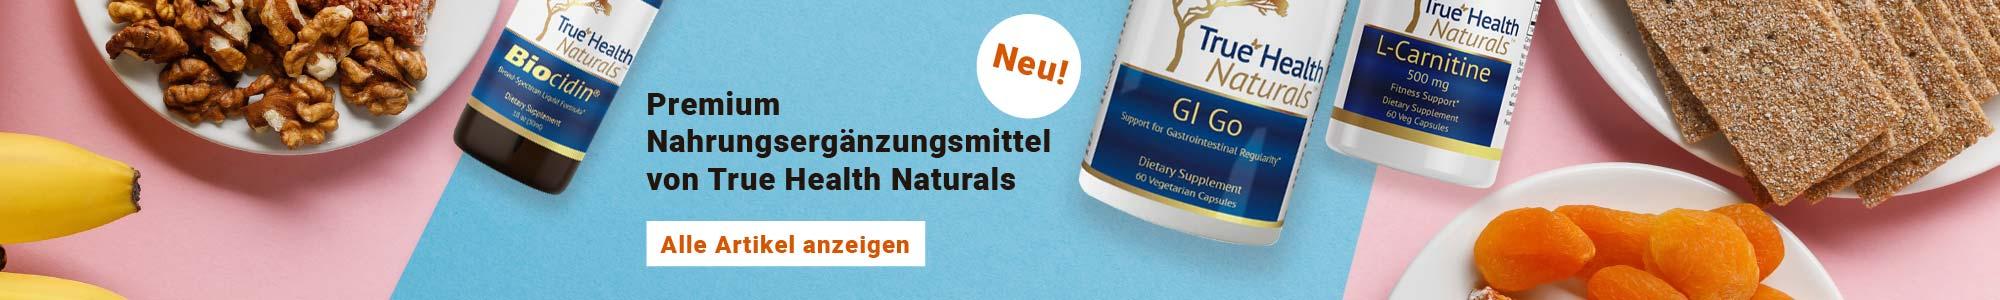 Neu! Premium Nahrungsergänzungsmittel von True Health Naturals. Alle Artikel anzeigen